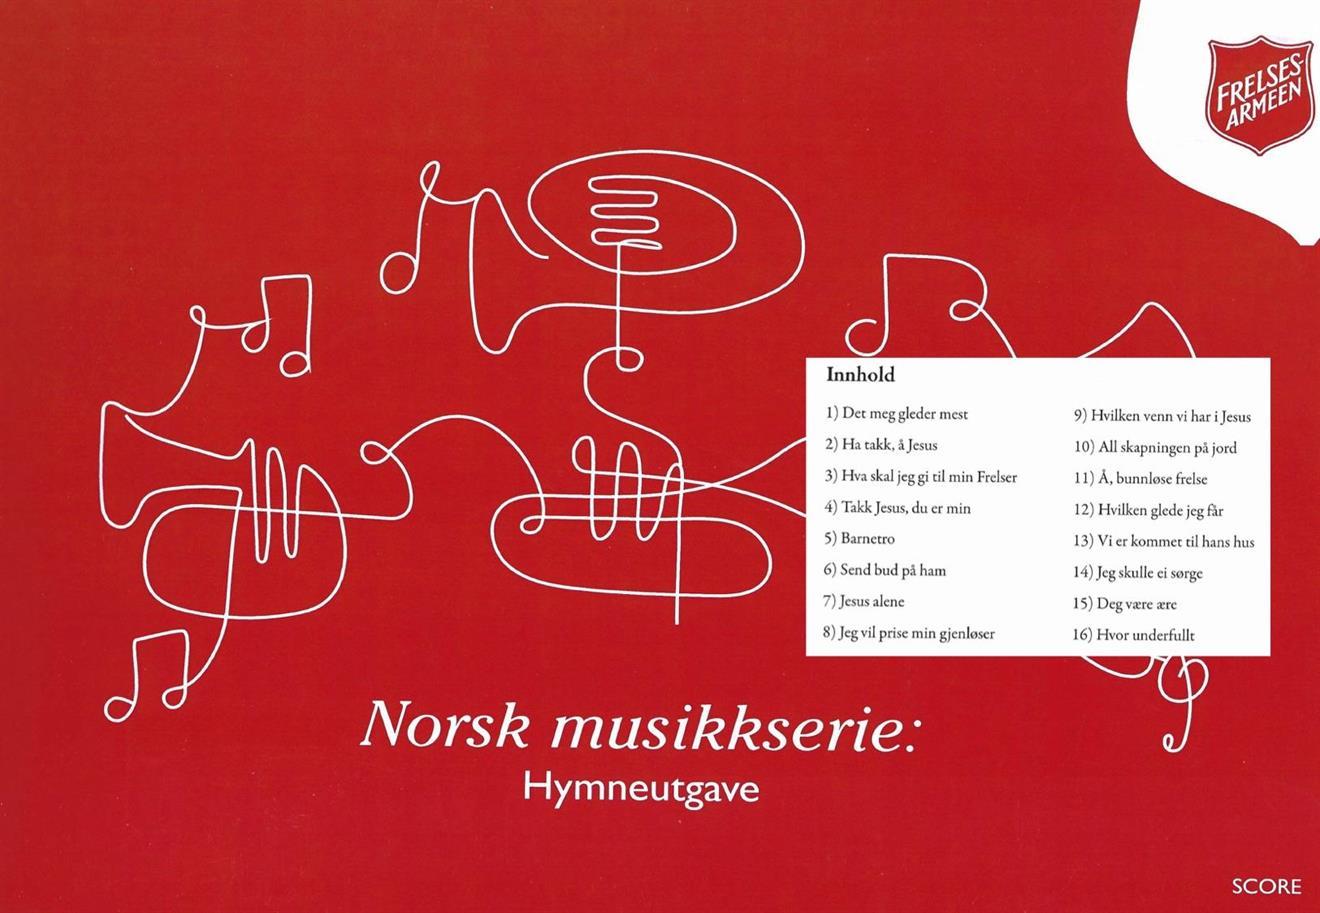 NORSK MUSIKKSERIE - HYMNEUTGAVE